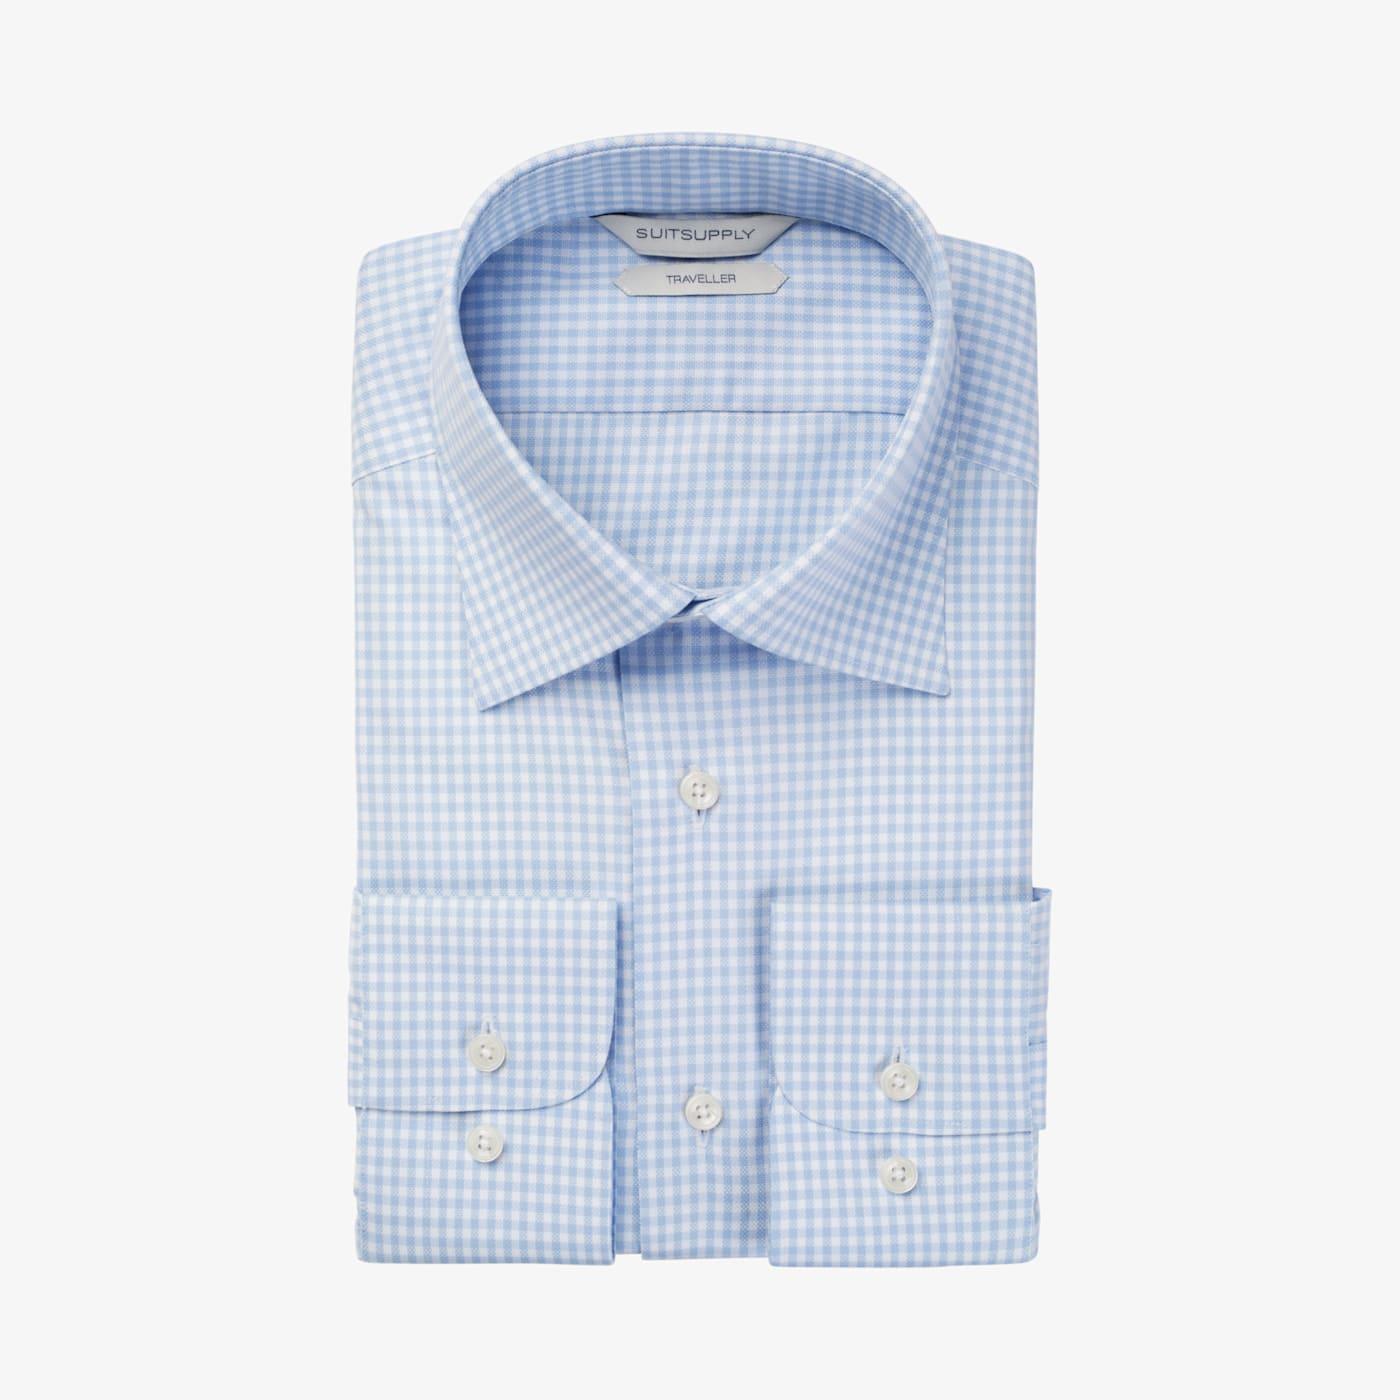 Artikel klicken und genauer betrachten! - Dieses hellblau karierte Hemd besteht aus knitterresistenter Traveller-Vollzwirnbaumwolle. In Slim Fit, mit klassischem Kragen und italienischer Manschette.   im Online Shop kaufen